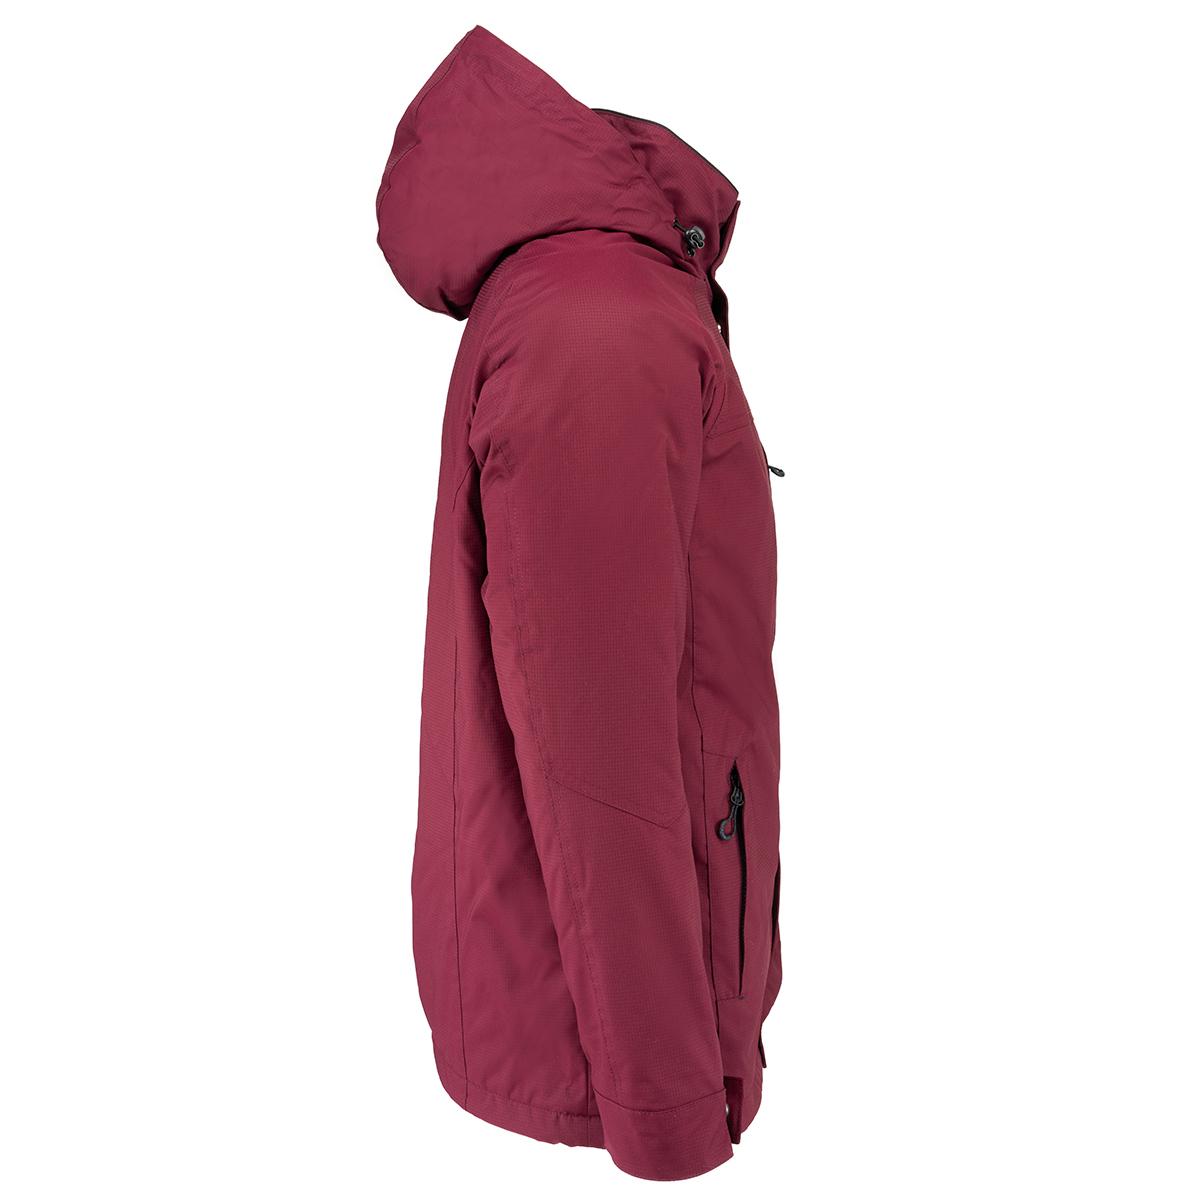 IZOD-Men-039-s-Midweight-Polar-Fleece-Lined-Jacket thumbnail 7